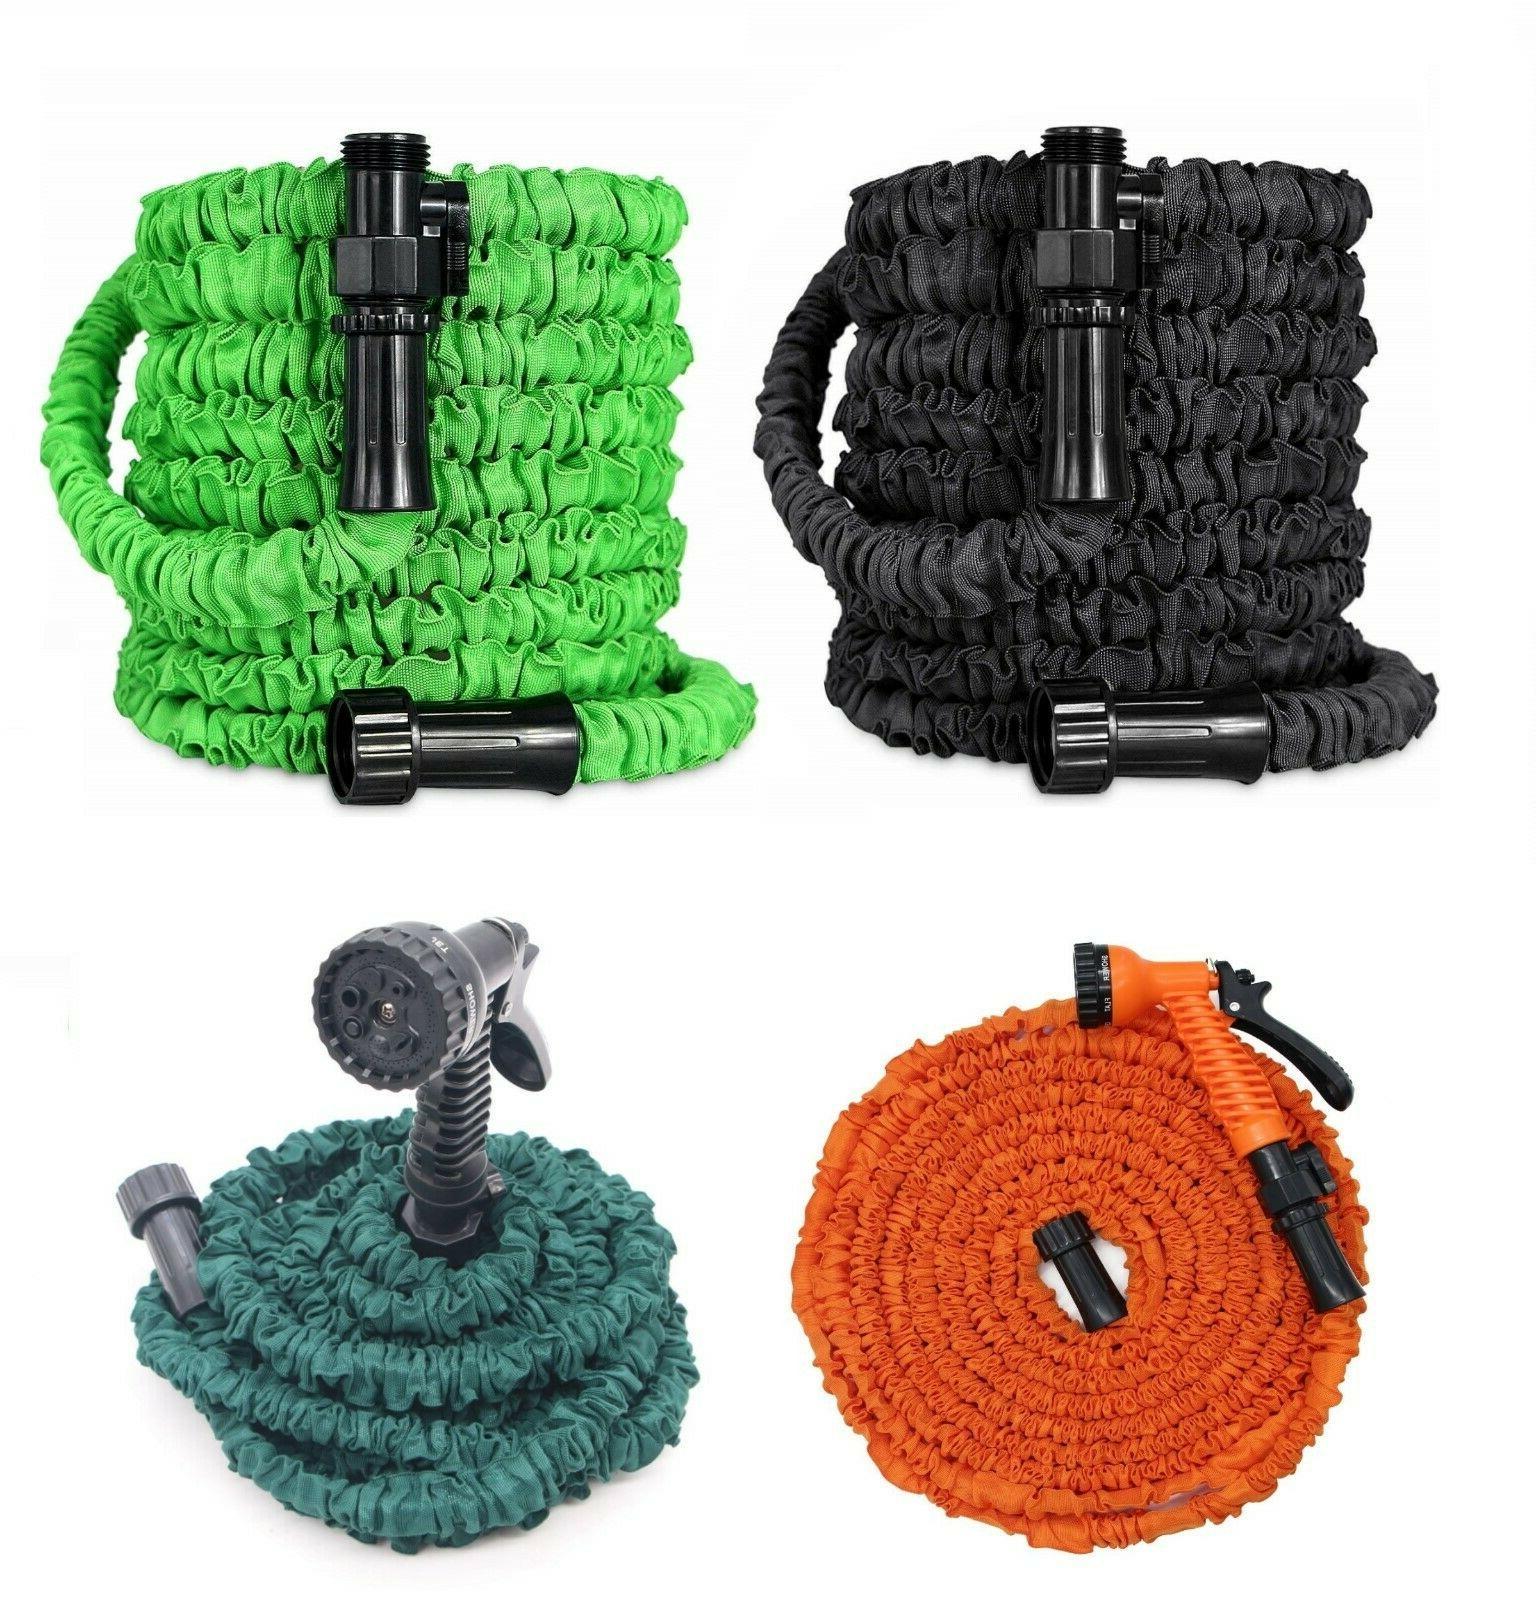 latest deluxe expandable flexible garden hose spray